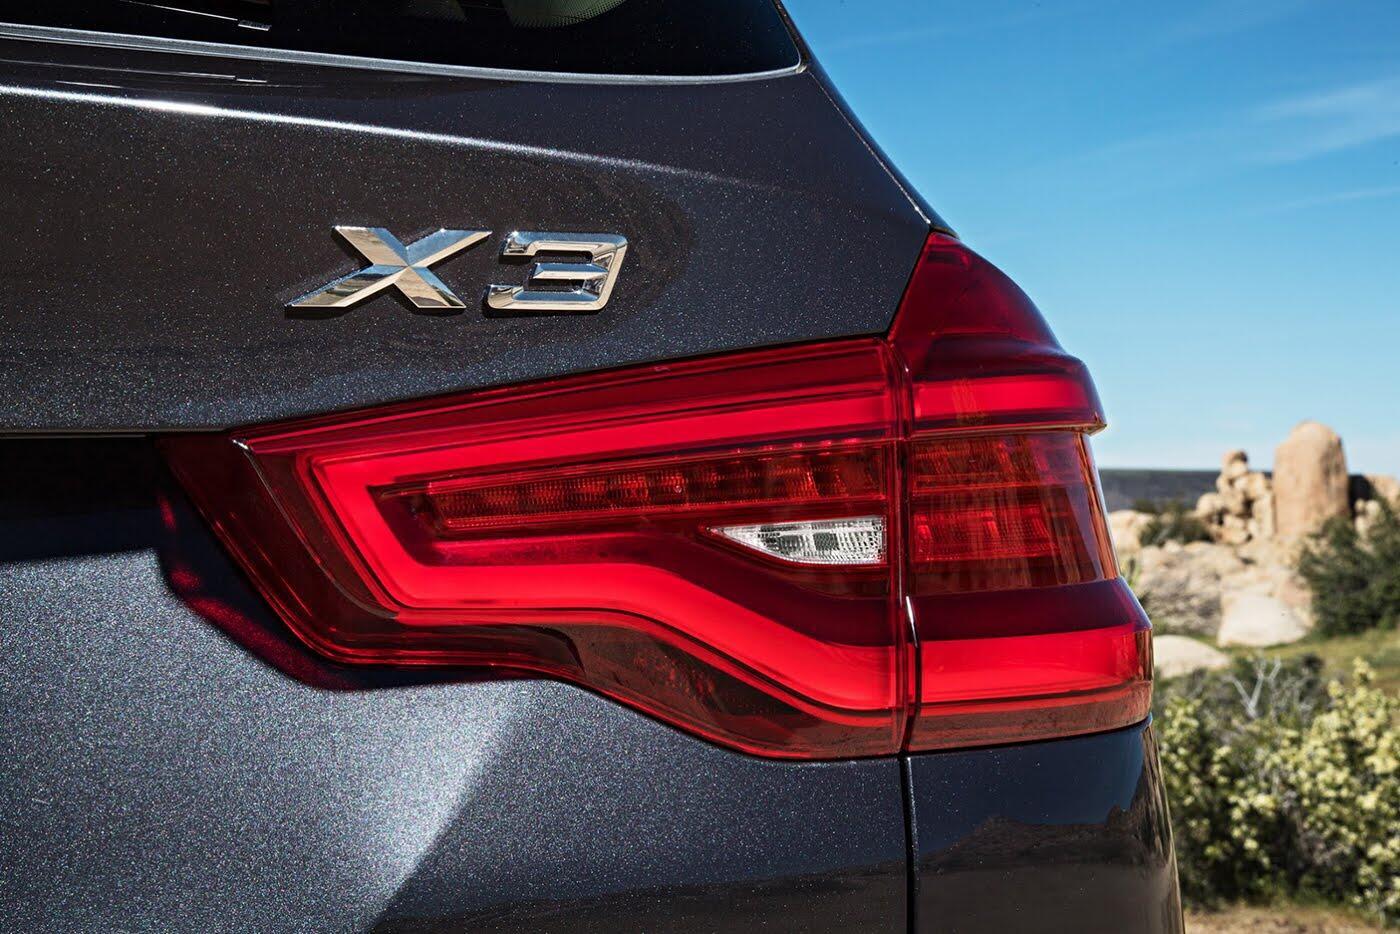 Ảnh chi tiết BMW X3 2018 hoàn toàn mới - Hình 29